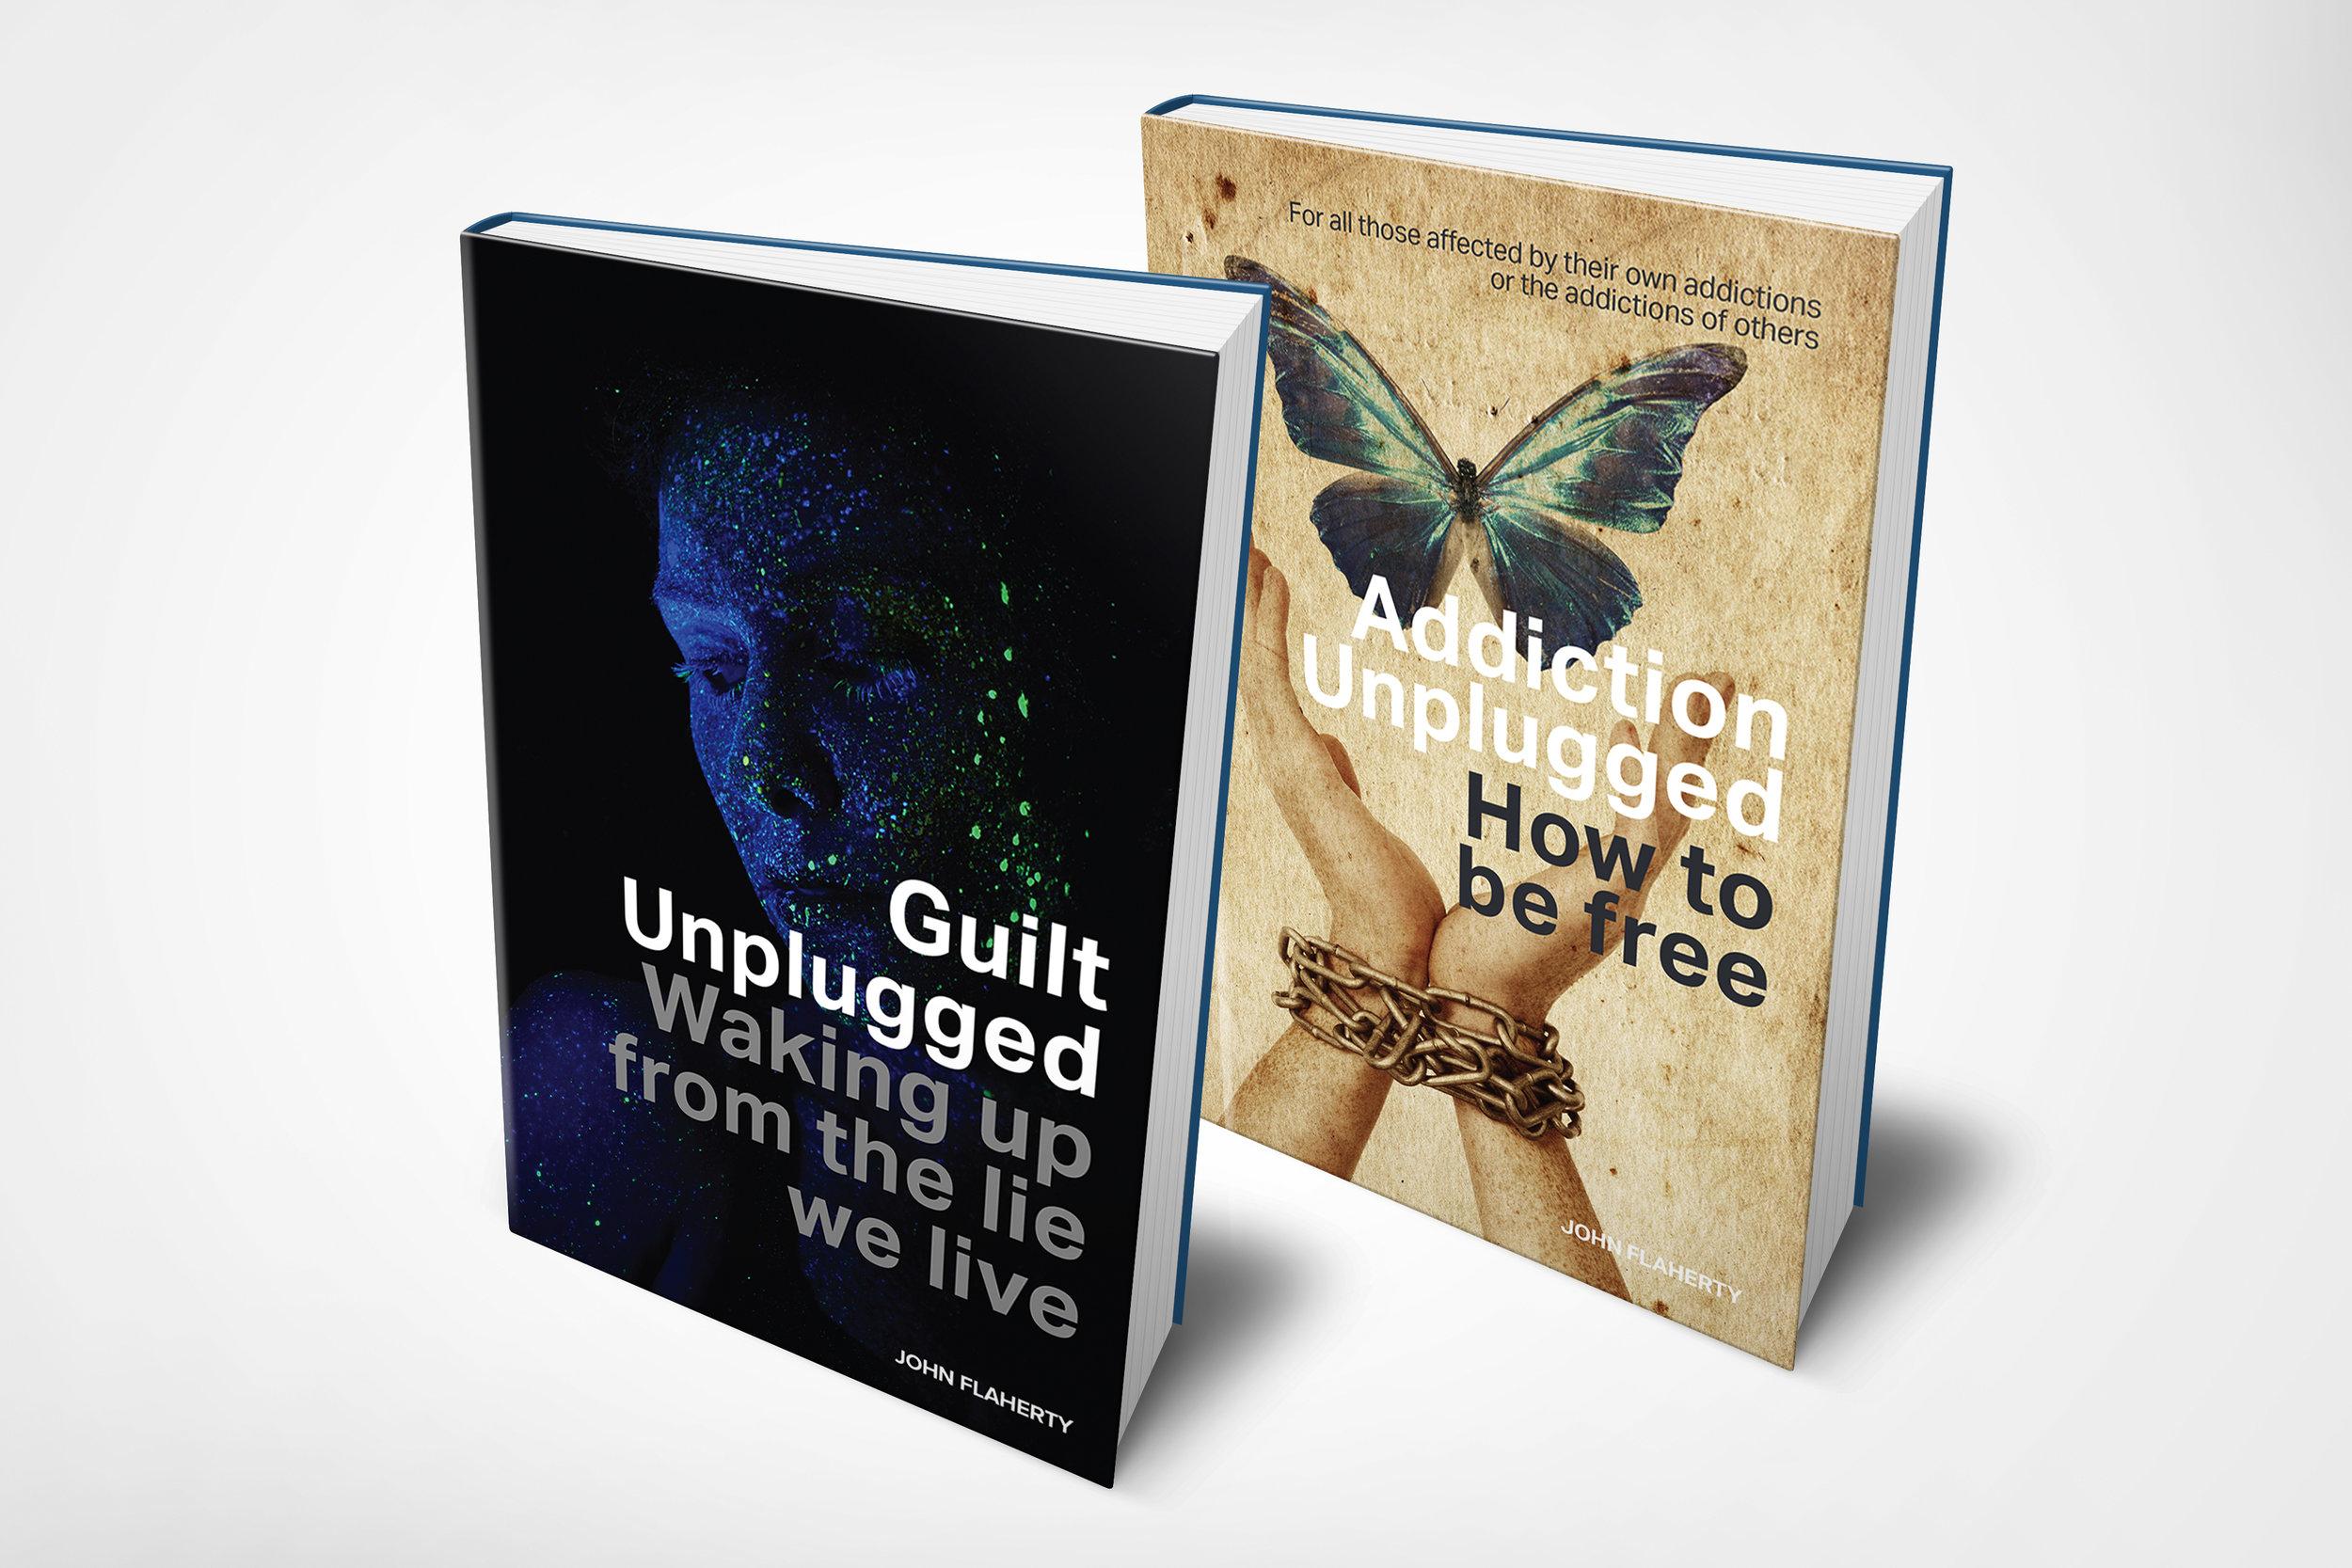 books-images.jpg